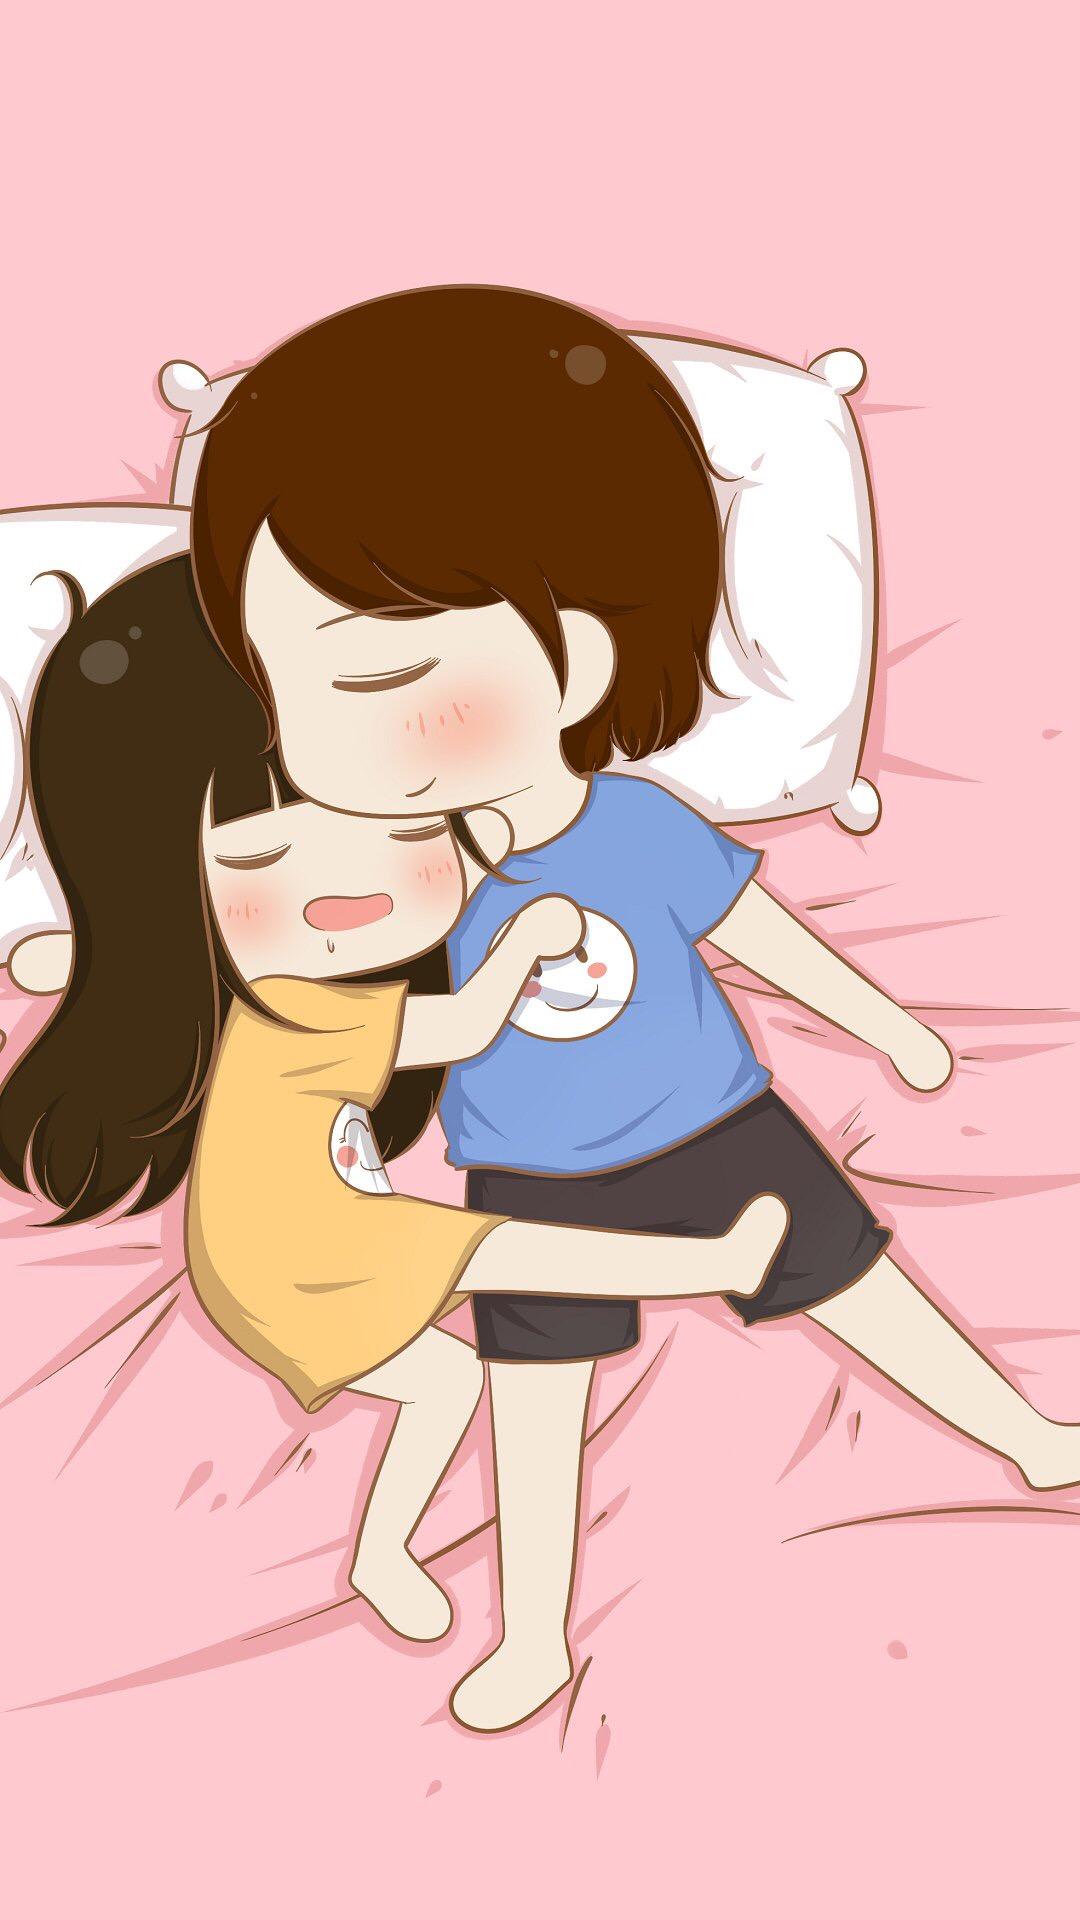 可爱情侣各种睡姿卡通图片iphone7锁屏壁纸 情侣睡姿卡通图片iphone7壁纸 Mm4000图片大全